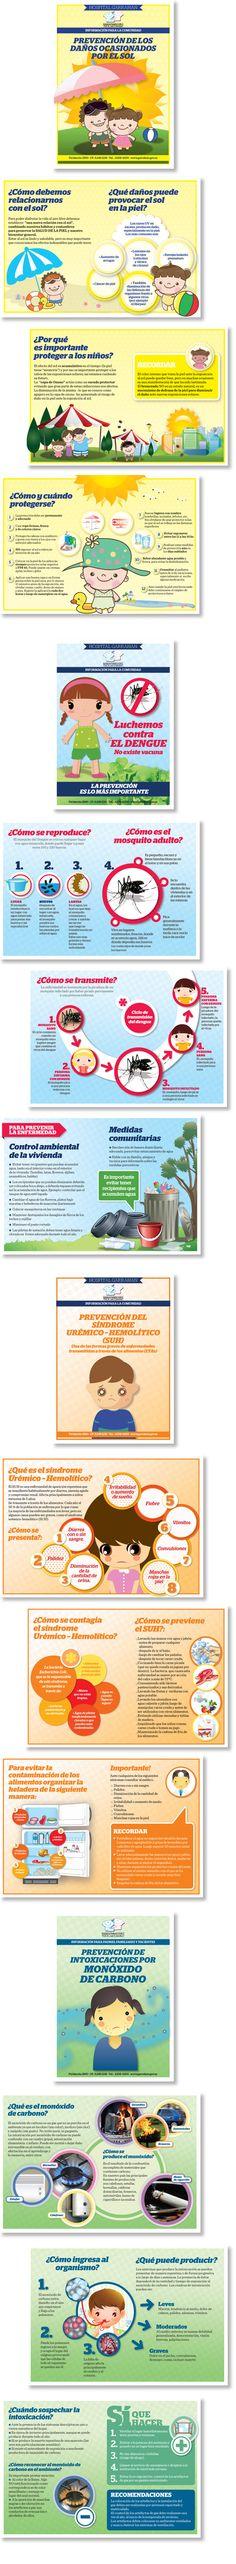 Diseño de folletos de Salud Ambiental para la Fundación Garrahan